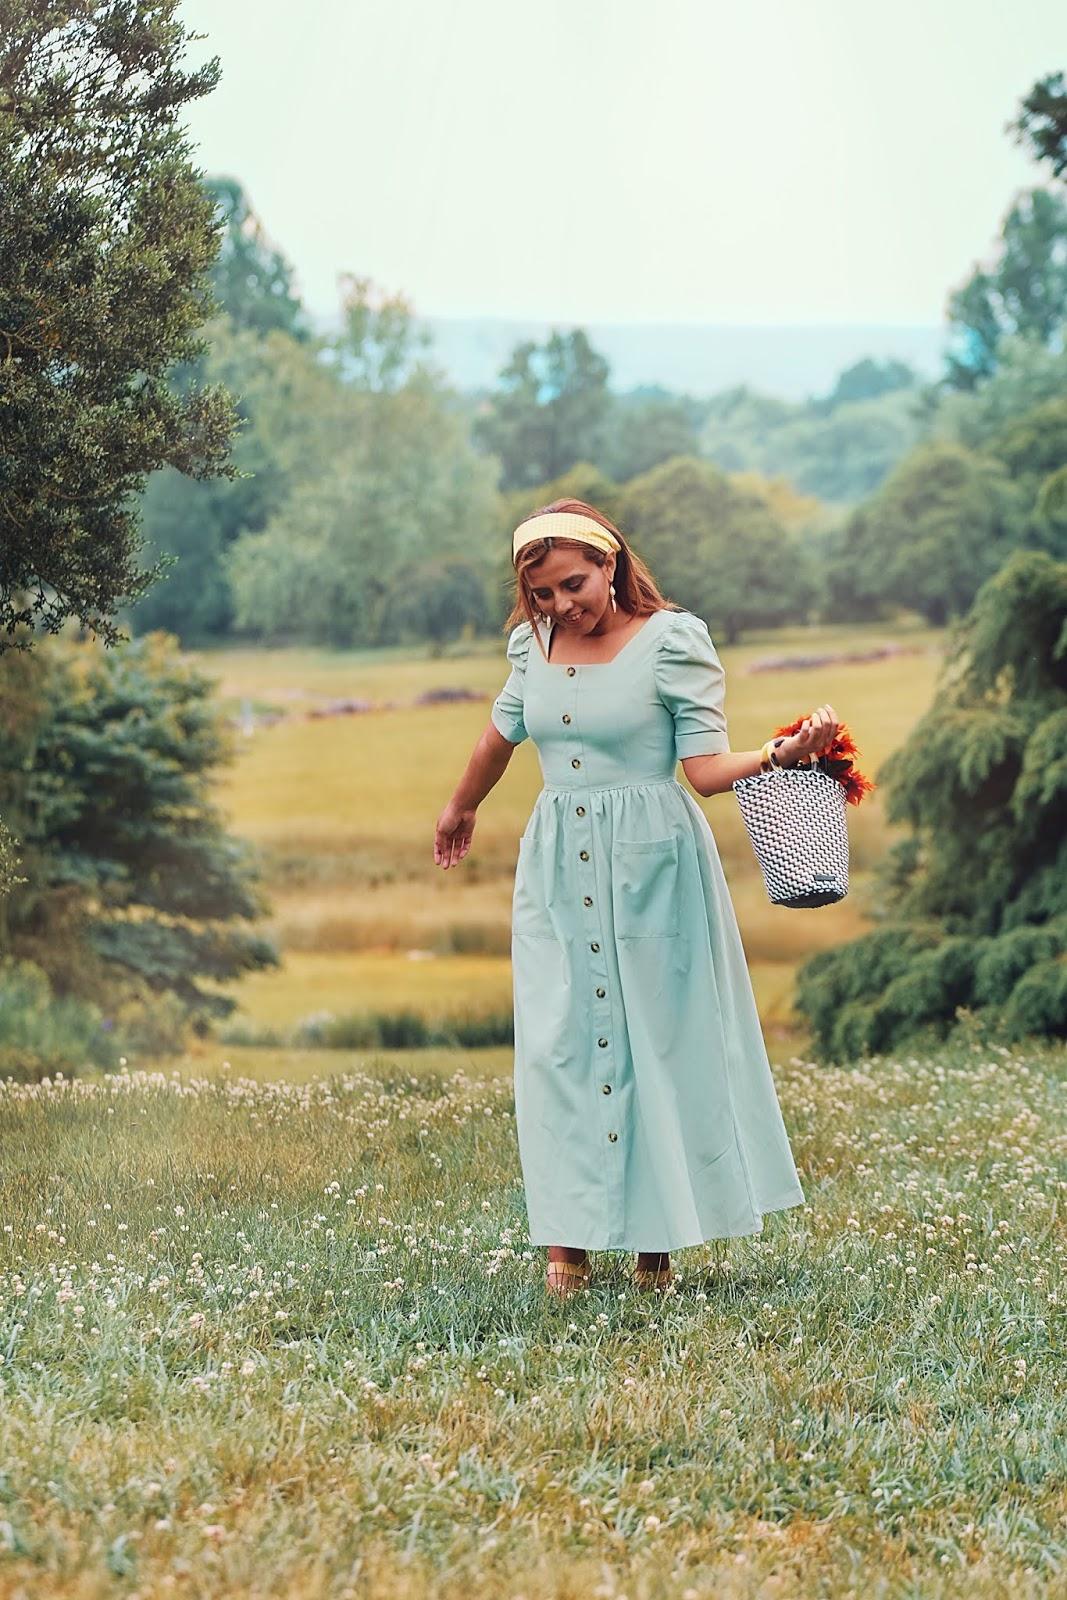 Vestido Estructurado Para El Verano-shein-sheingals-mariestilo-vestidos de moda 2019-fashionblogger-virginia is for lovers-armandhugon-marisolflamenco-travel-viajeros por el mundo-